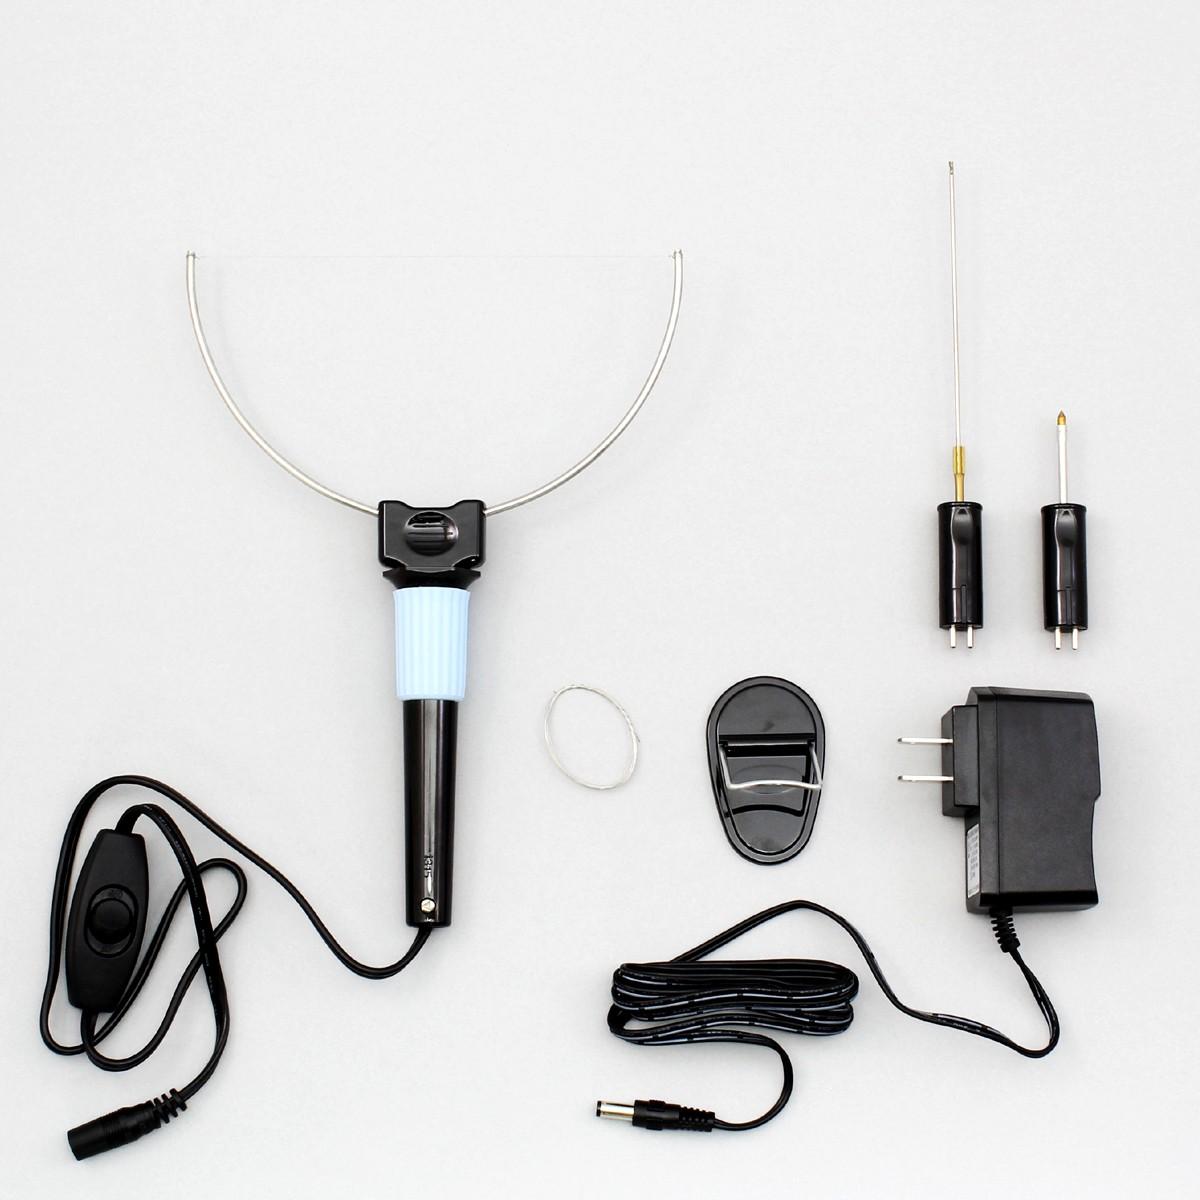 で穴あけや彫刻もできる発泡スチロールカッター 発泡スチロールカッター RHC-5V 【 工作 スチロール カッター 】